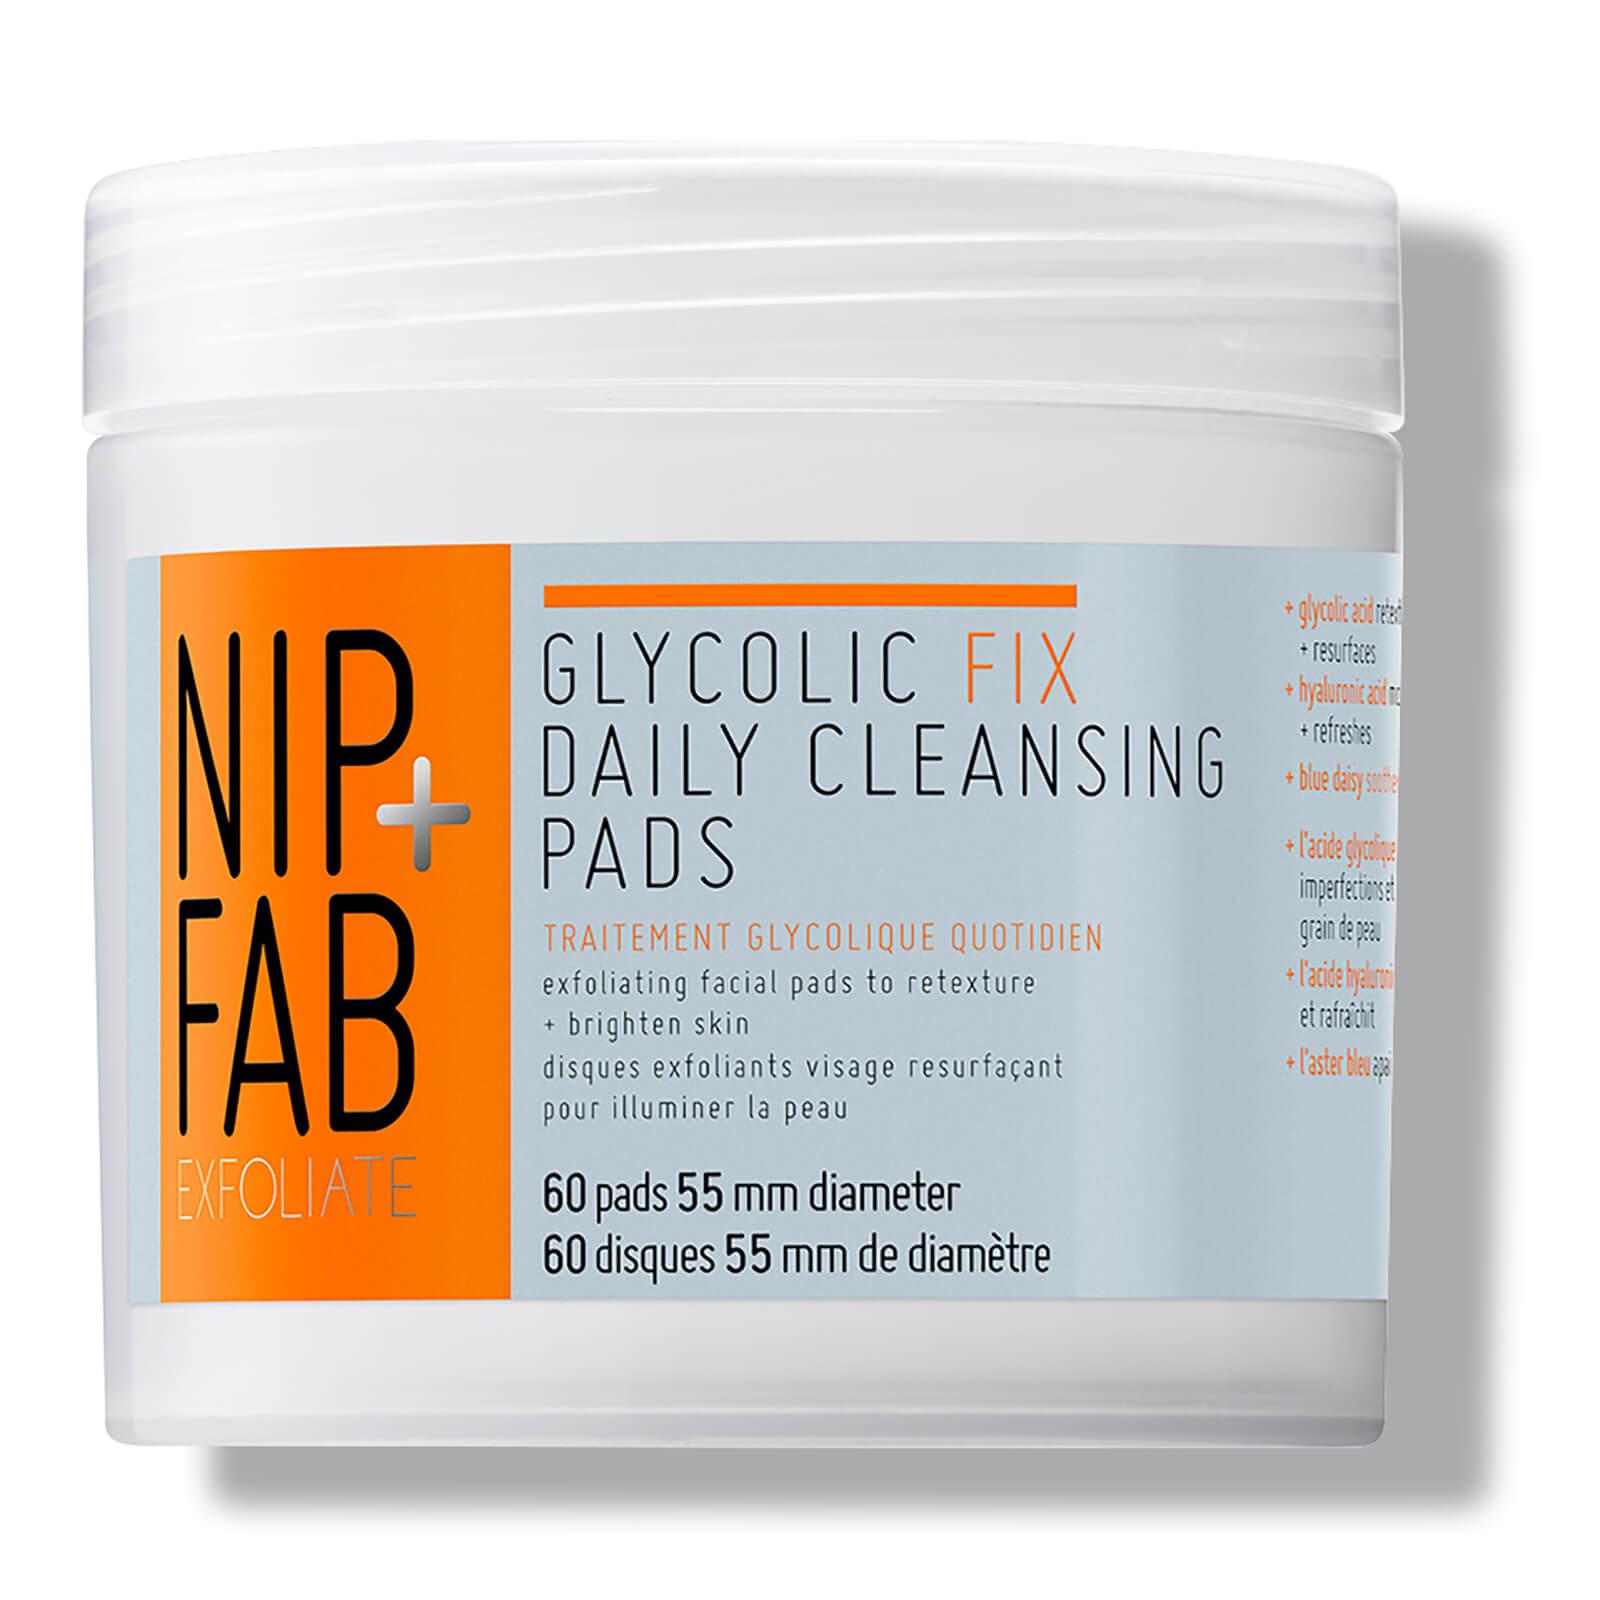 Купить Очищающие диски для ежедневного применения NIP + FAB Glycolic Fix Daily Cleansing Pads - 60 дисков